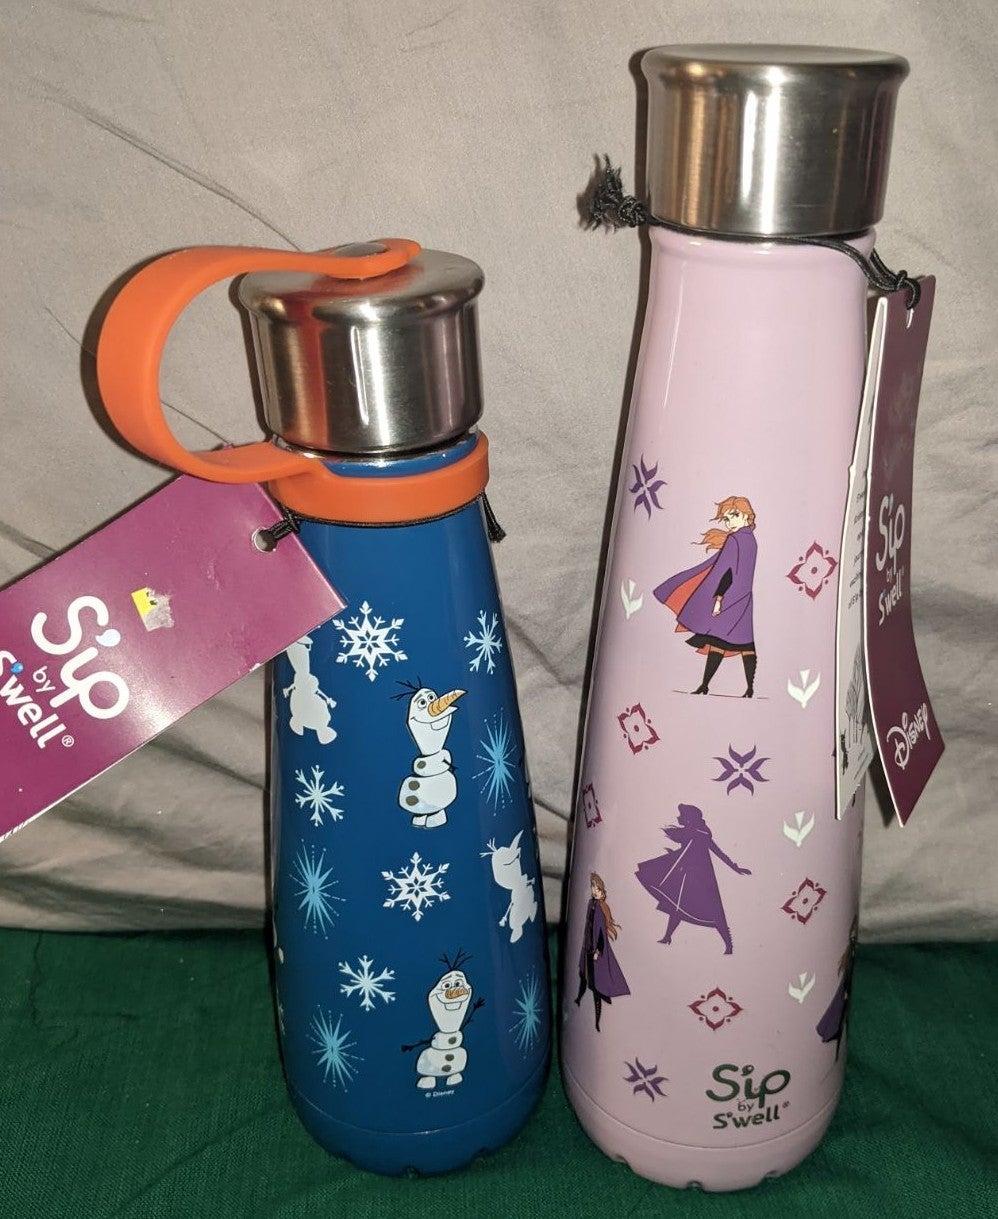 2 Disney Frozen 2 Sip by Swell bottles,